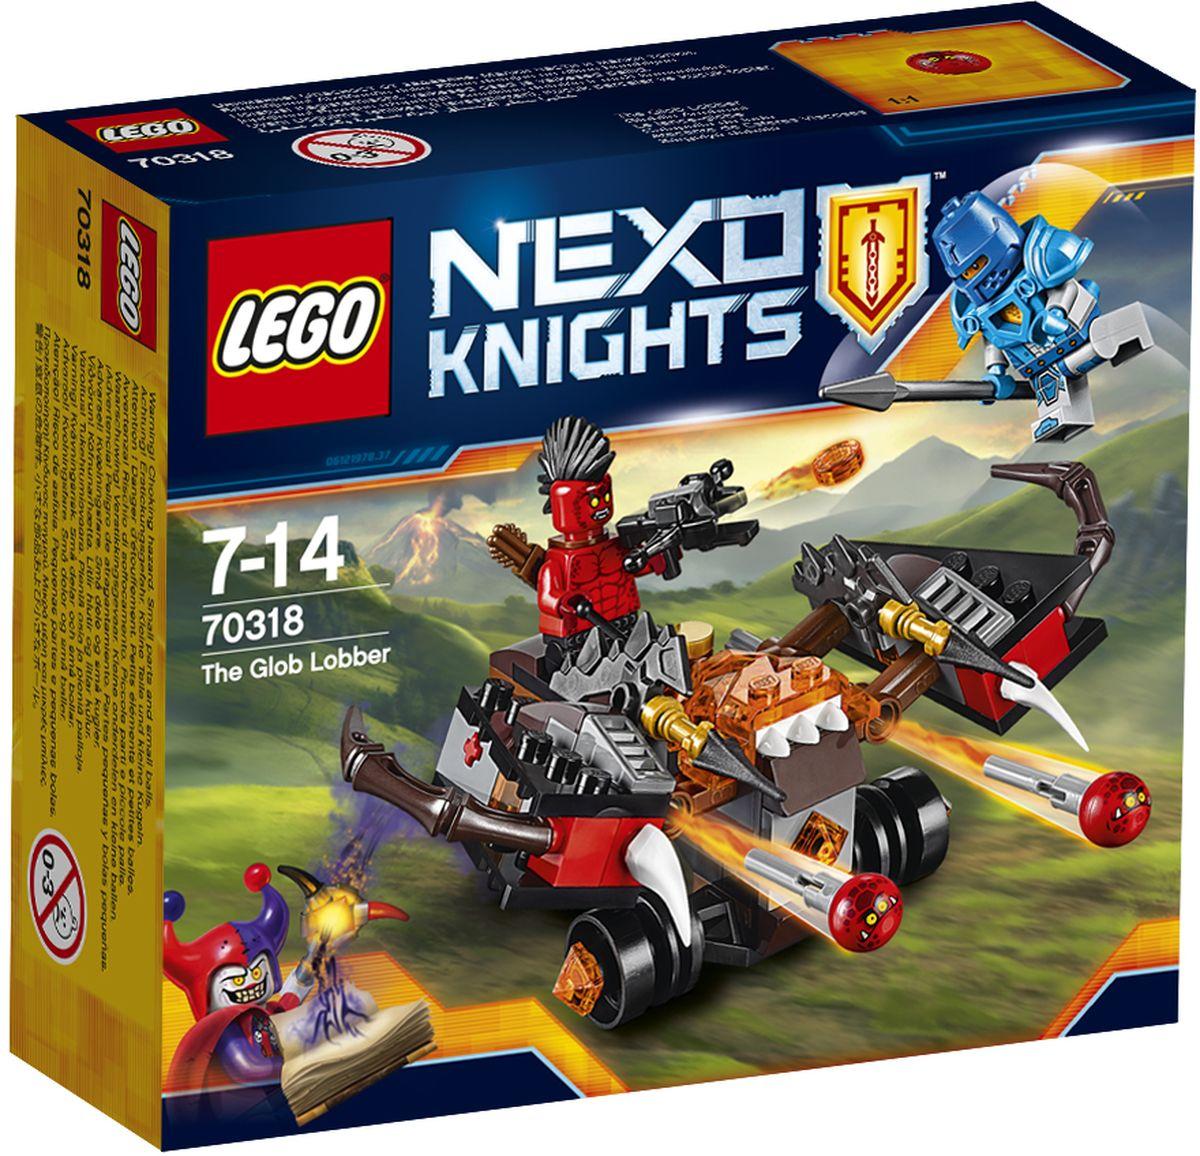 LEGO NEXO KNIGHTS Конструктор Шаровая ракета 7031870318Лавовый монстр напал на королевство! Разверните устрашающую Шаровую ракету для атаки и стреляйте Глоблинами в королевского гвардейца. Победите защитника королевства Найтония и осадите крепость, используя этот небольшой, но мощный автомобиль в виде арбалета, оснащенный двумя маневренными ракетами с Глоблинами. Набор включает в себя 95 разноцветных пластиковых элементов. Конструктор станет замечательным сюрпризом вашему ребенку, который будет способствовать развитию мелкой моторики рук, внимательности, усидчивости и мышления. Играя с конструктором, ребенок научится собирать детали по образцу, проводить время с пользой и удовольствием.